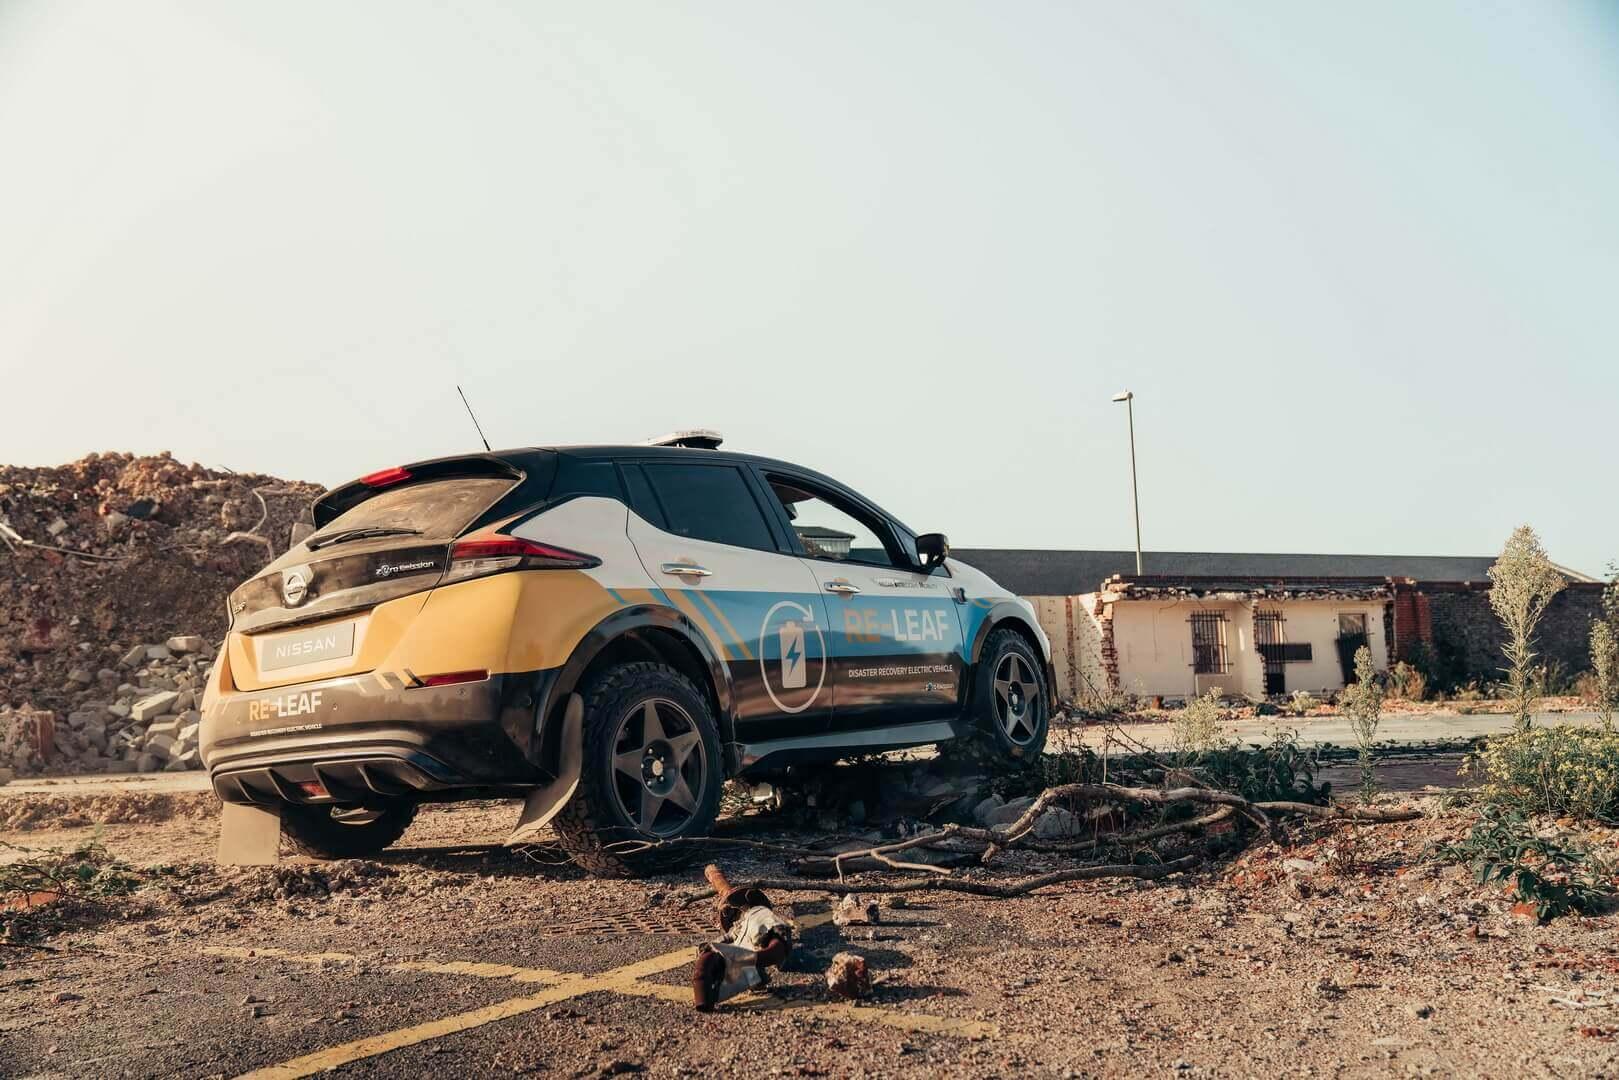 Nissan представил аварийный электромобиль для спасательных служб